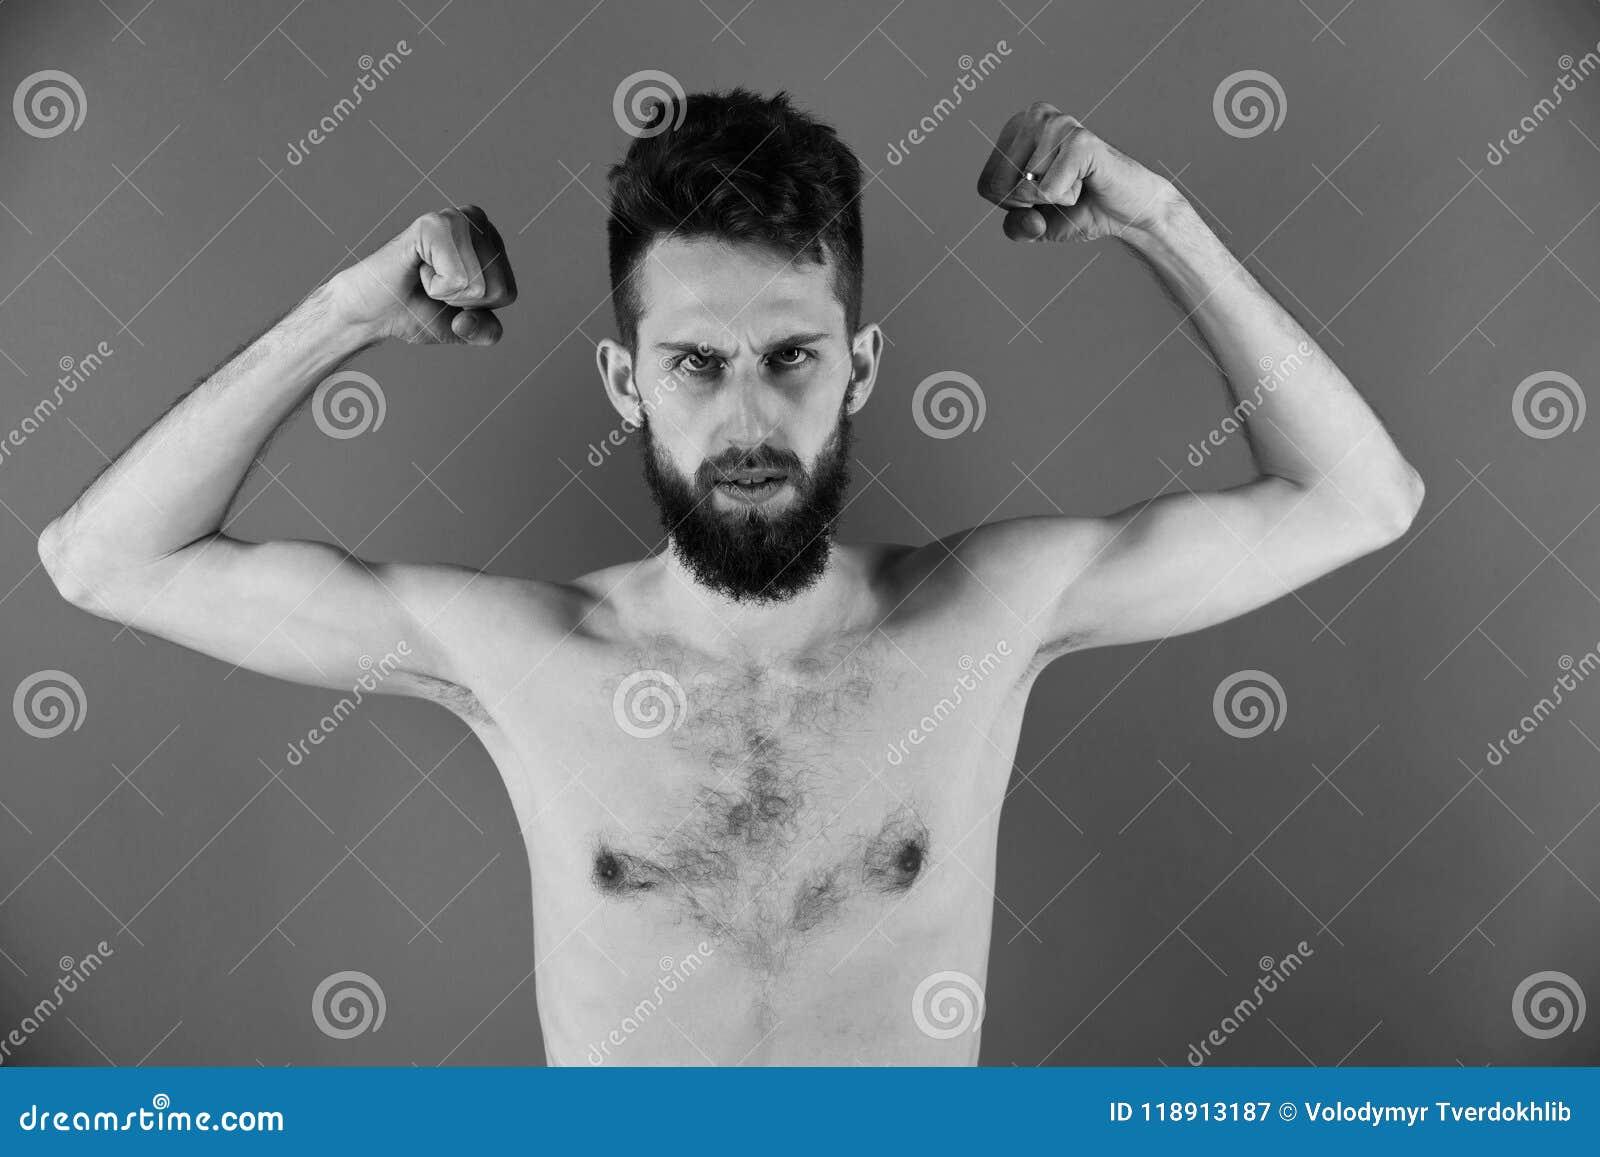 Homme Anorexique Photo homme anorexique homme mince ou type barbu de hippie avec l'anorexie